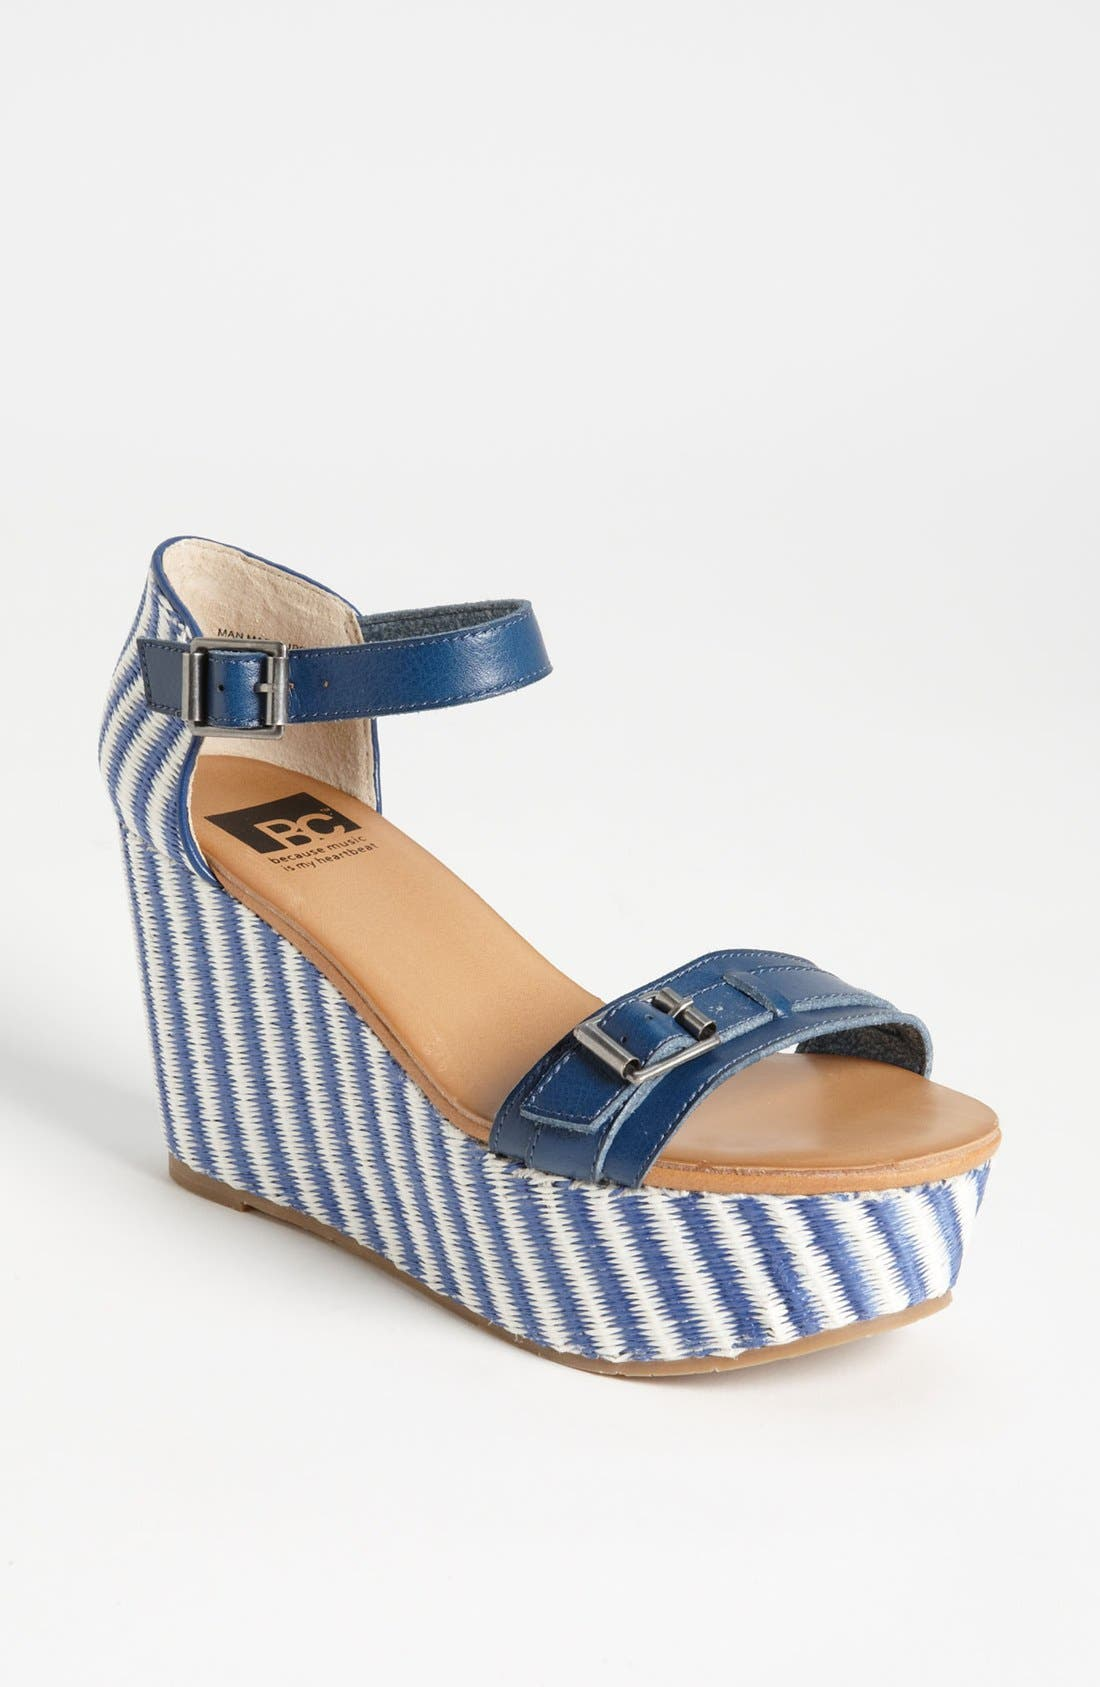 Alternate Image 1 Selected - BC Footwear 'Salt & Pepper' Wedge Sandal